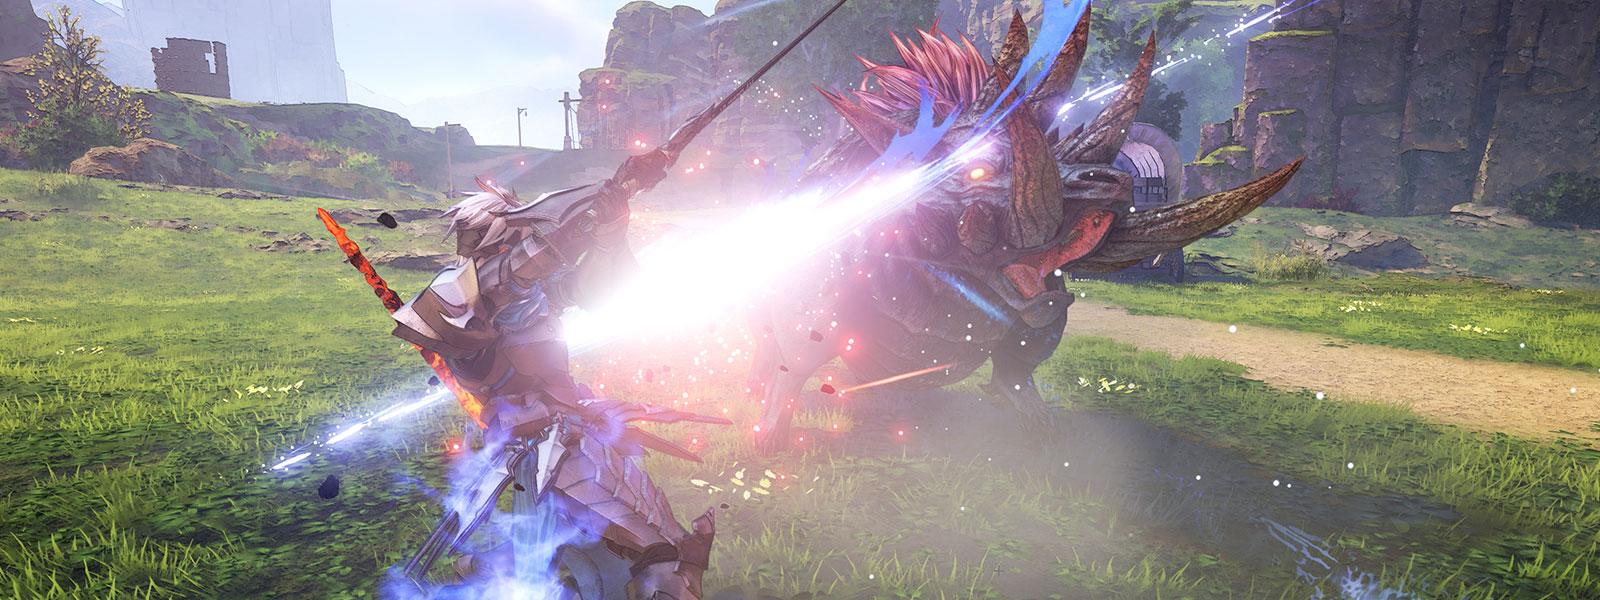 Personnage avec lumière bleue attaquant un monstre possédant plusieurs cornes avec une épée